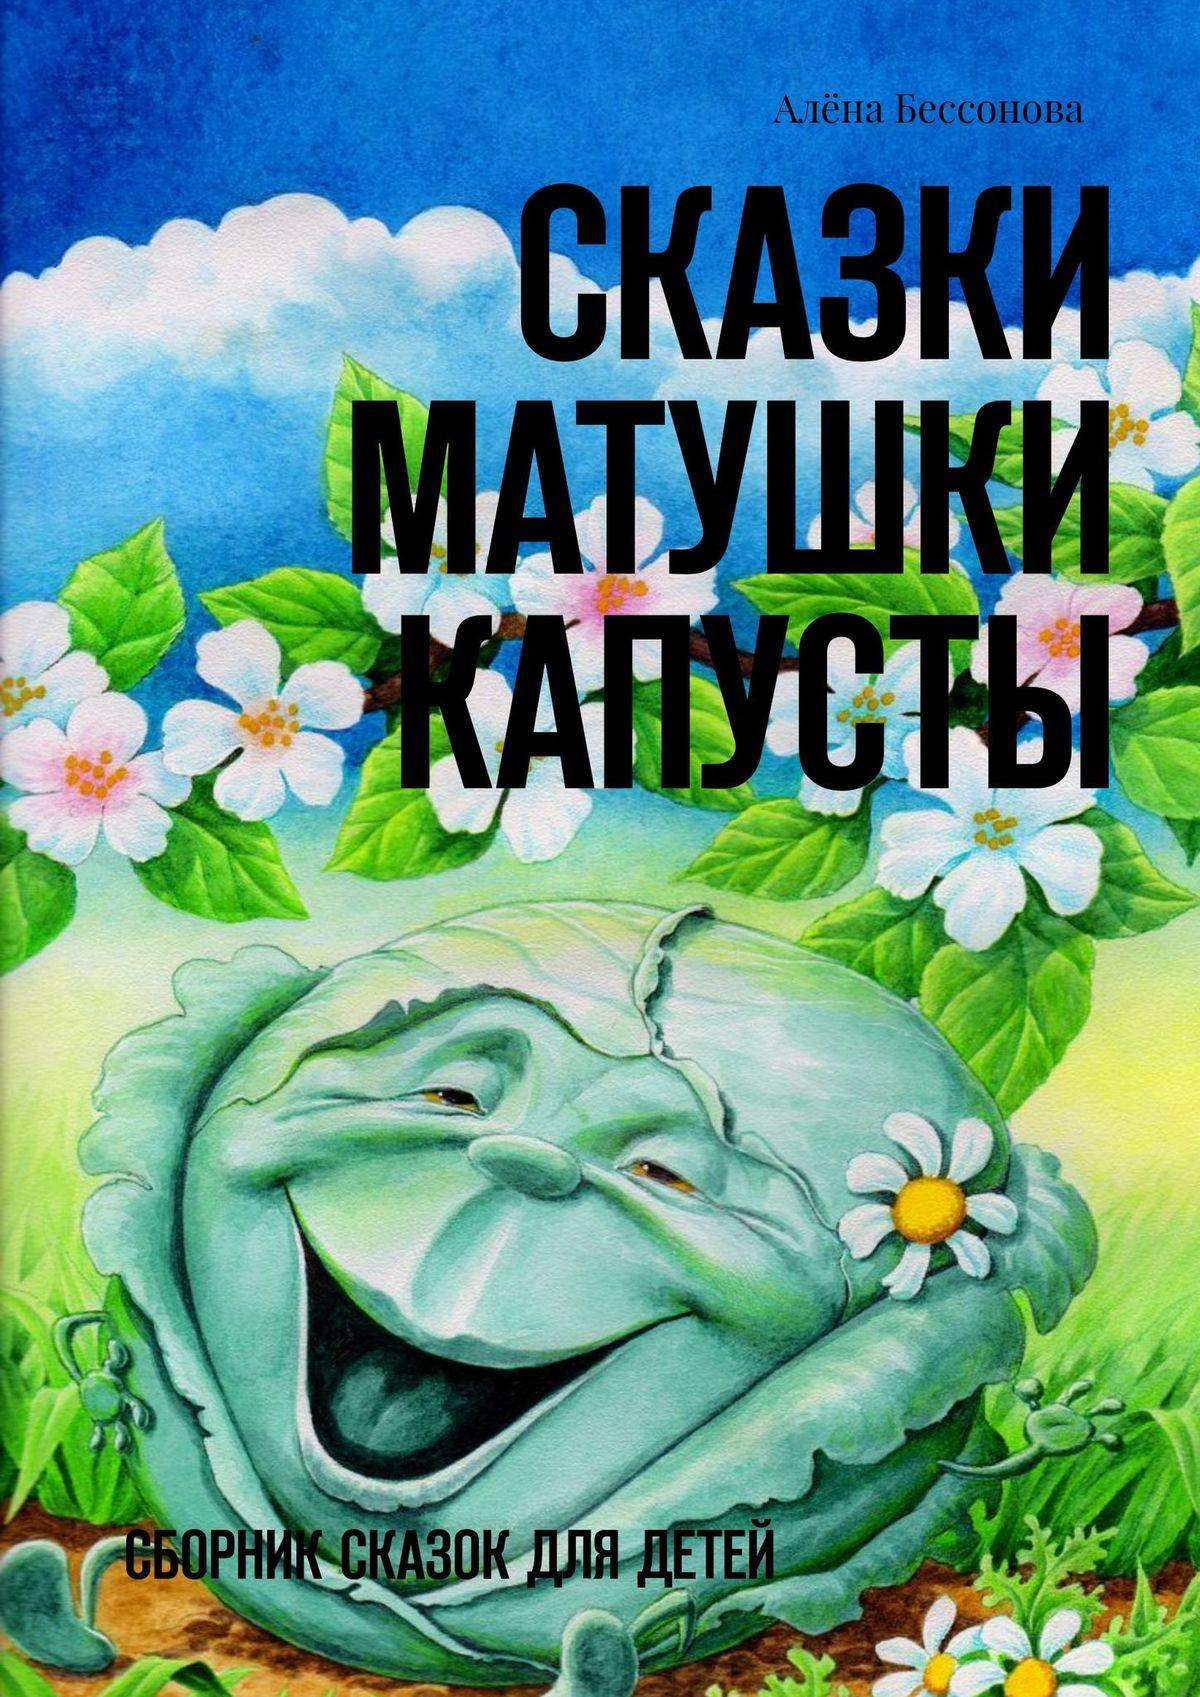 Сказки матушки Капусты. Сборник сказок для детей